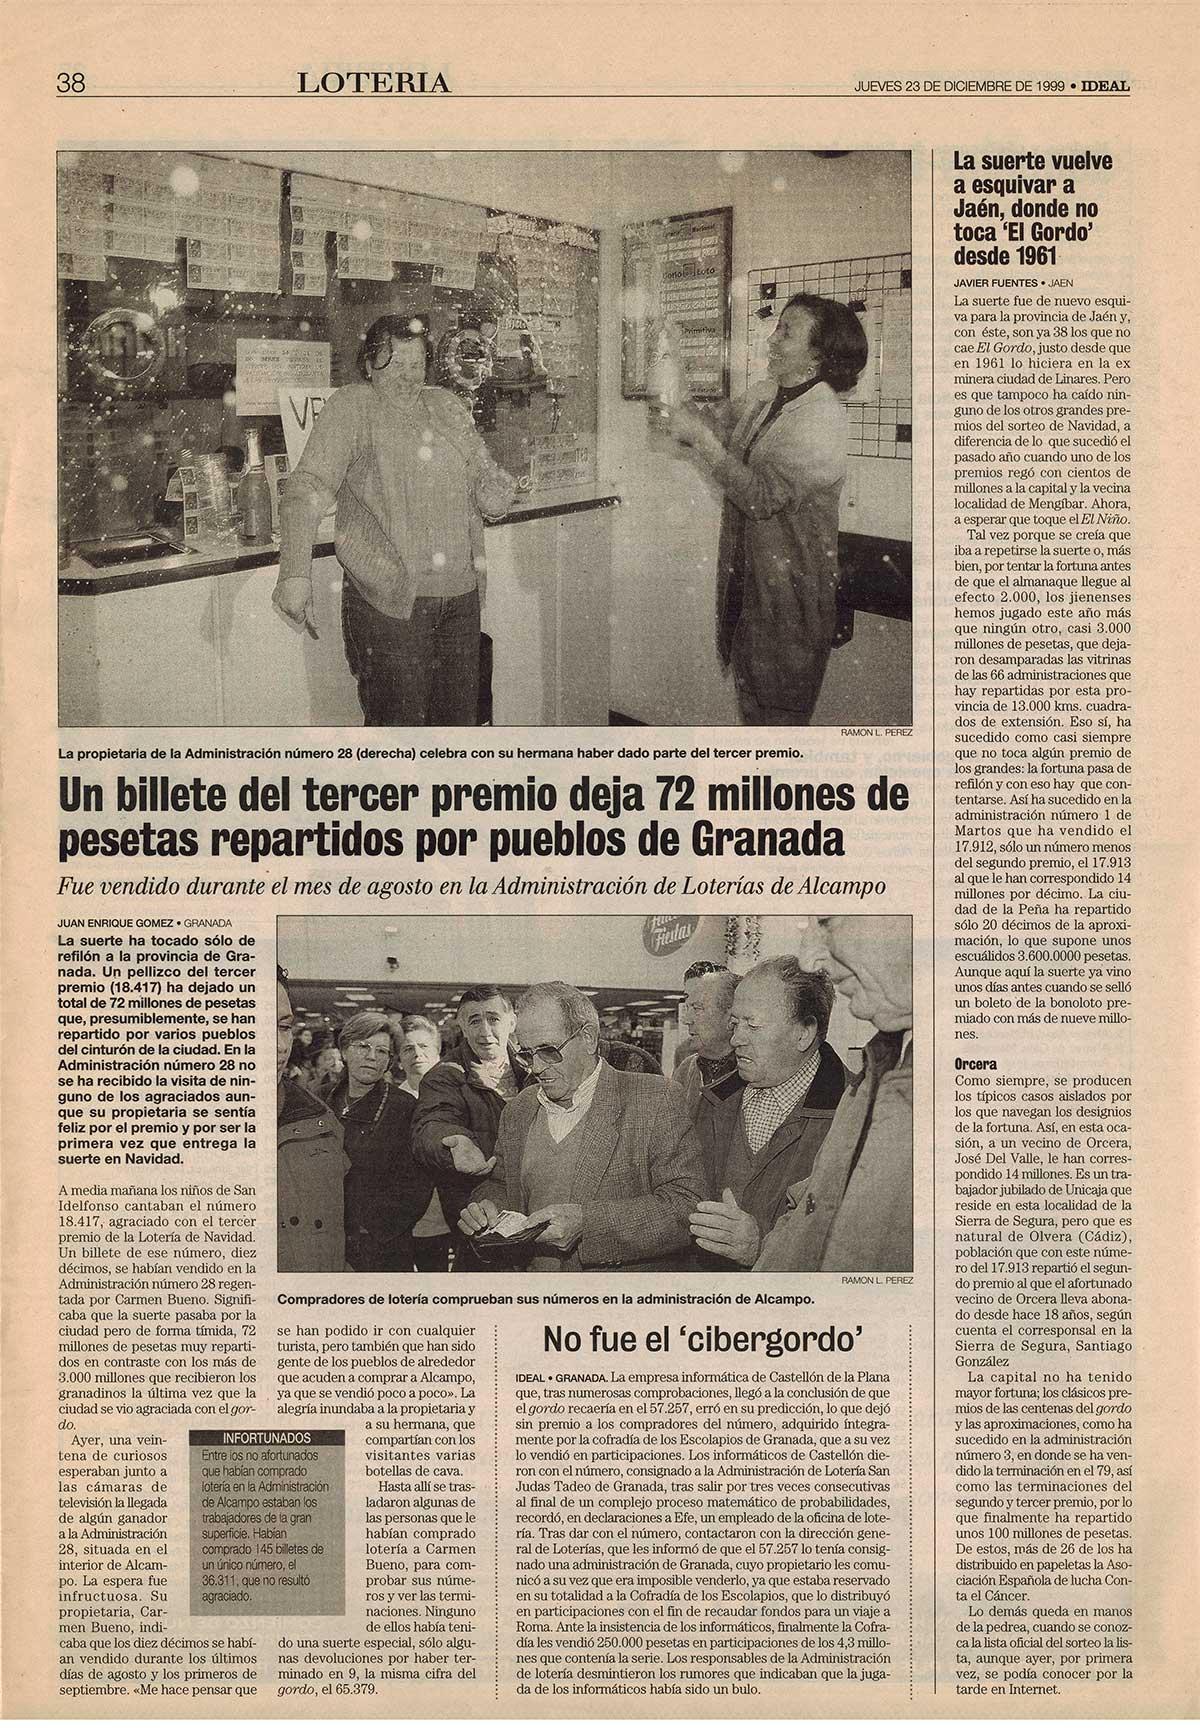 Recorte Ideal 18417 Diciembre 1999 III